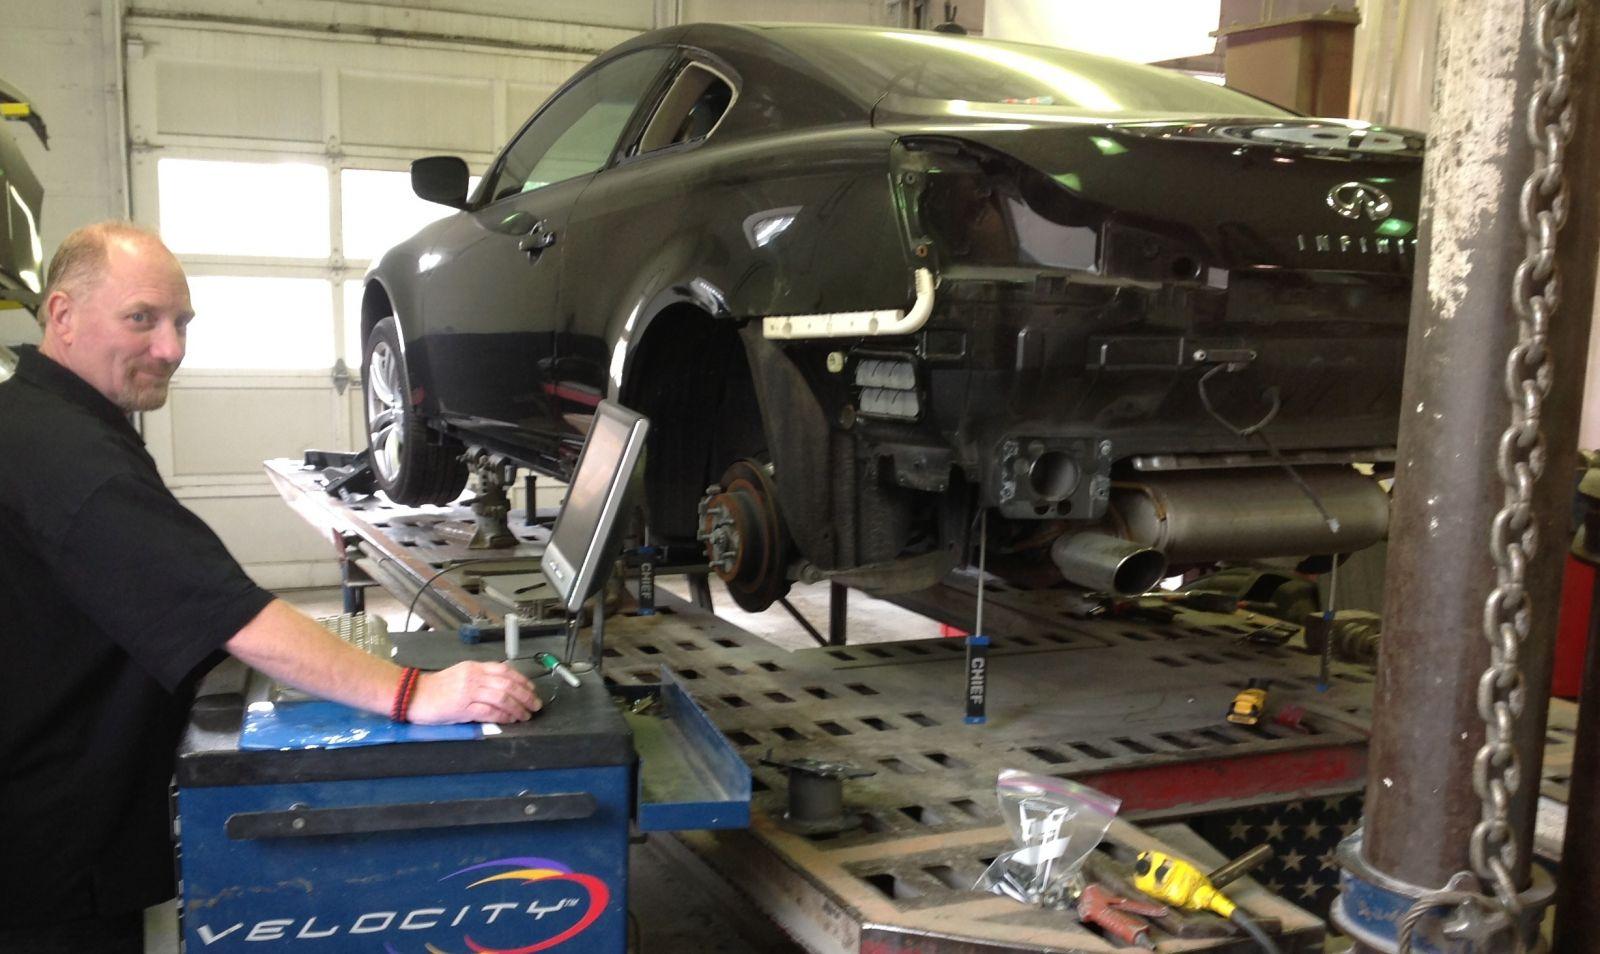 Carstar | Wally's CARSTAR Auto Body: Repair Tech